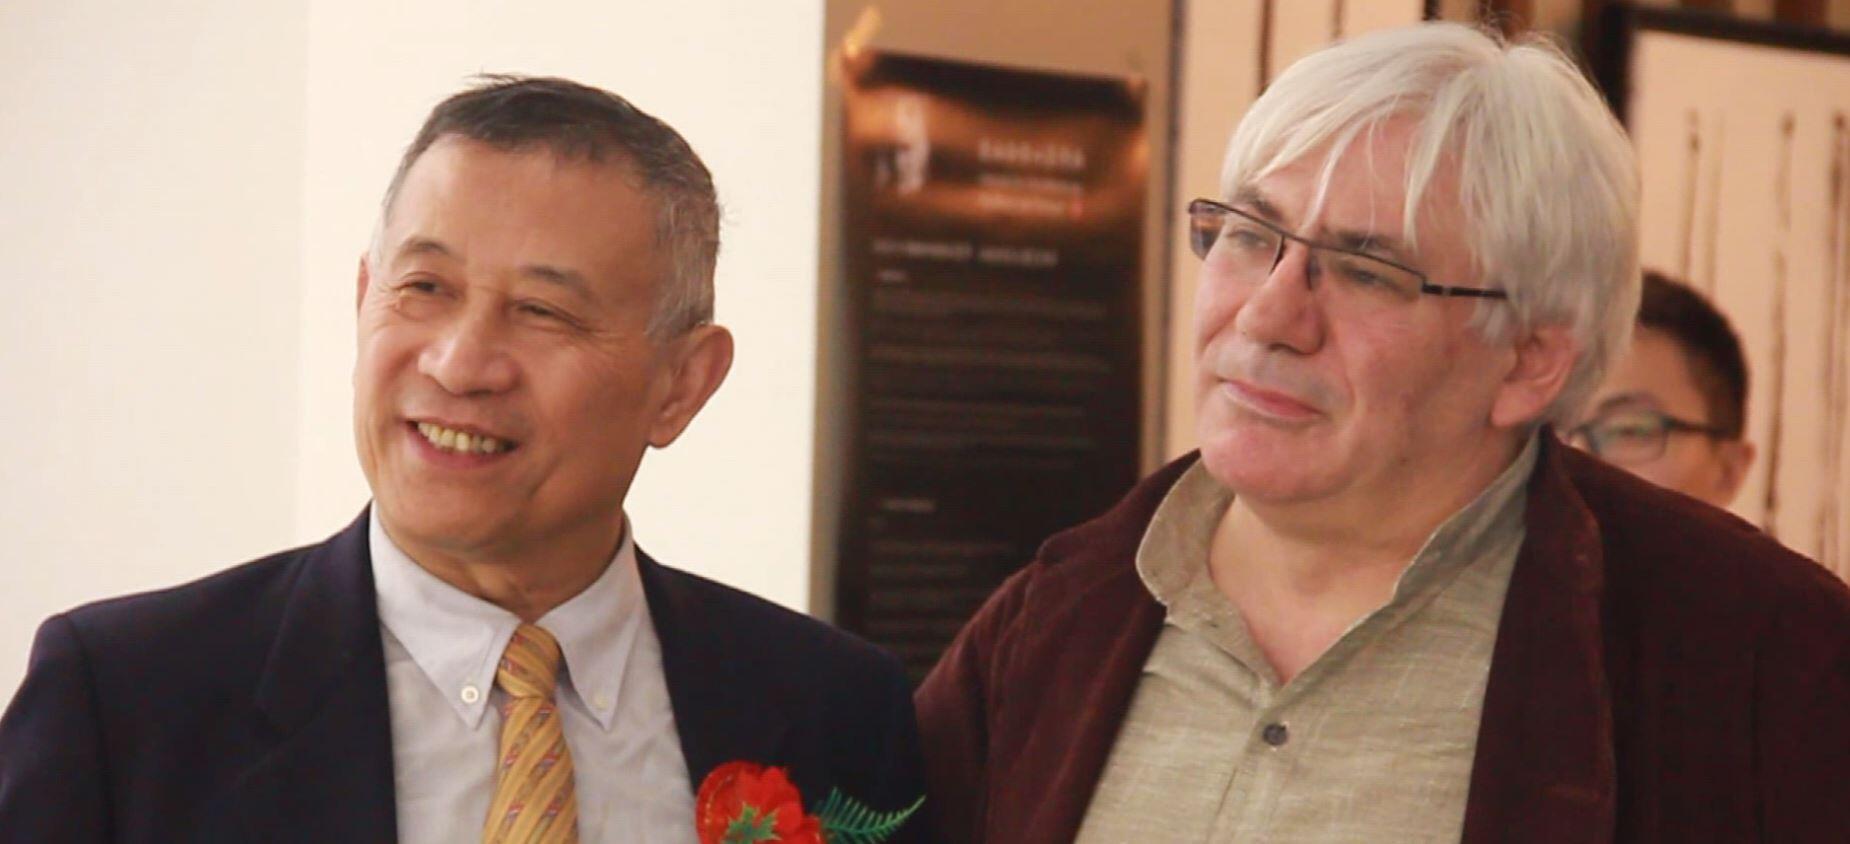 孙信一(左)与西莫尼尼在巴黎为其共同画展揭幕